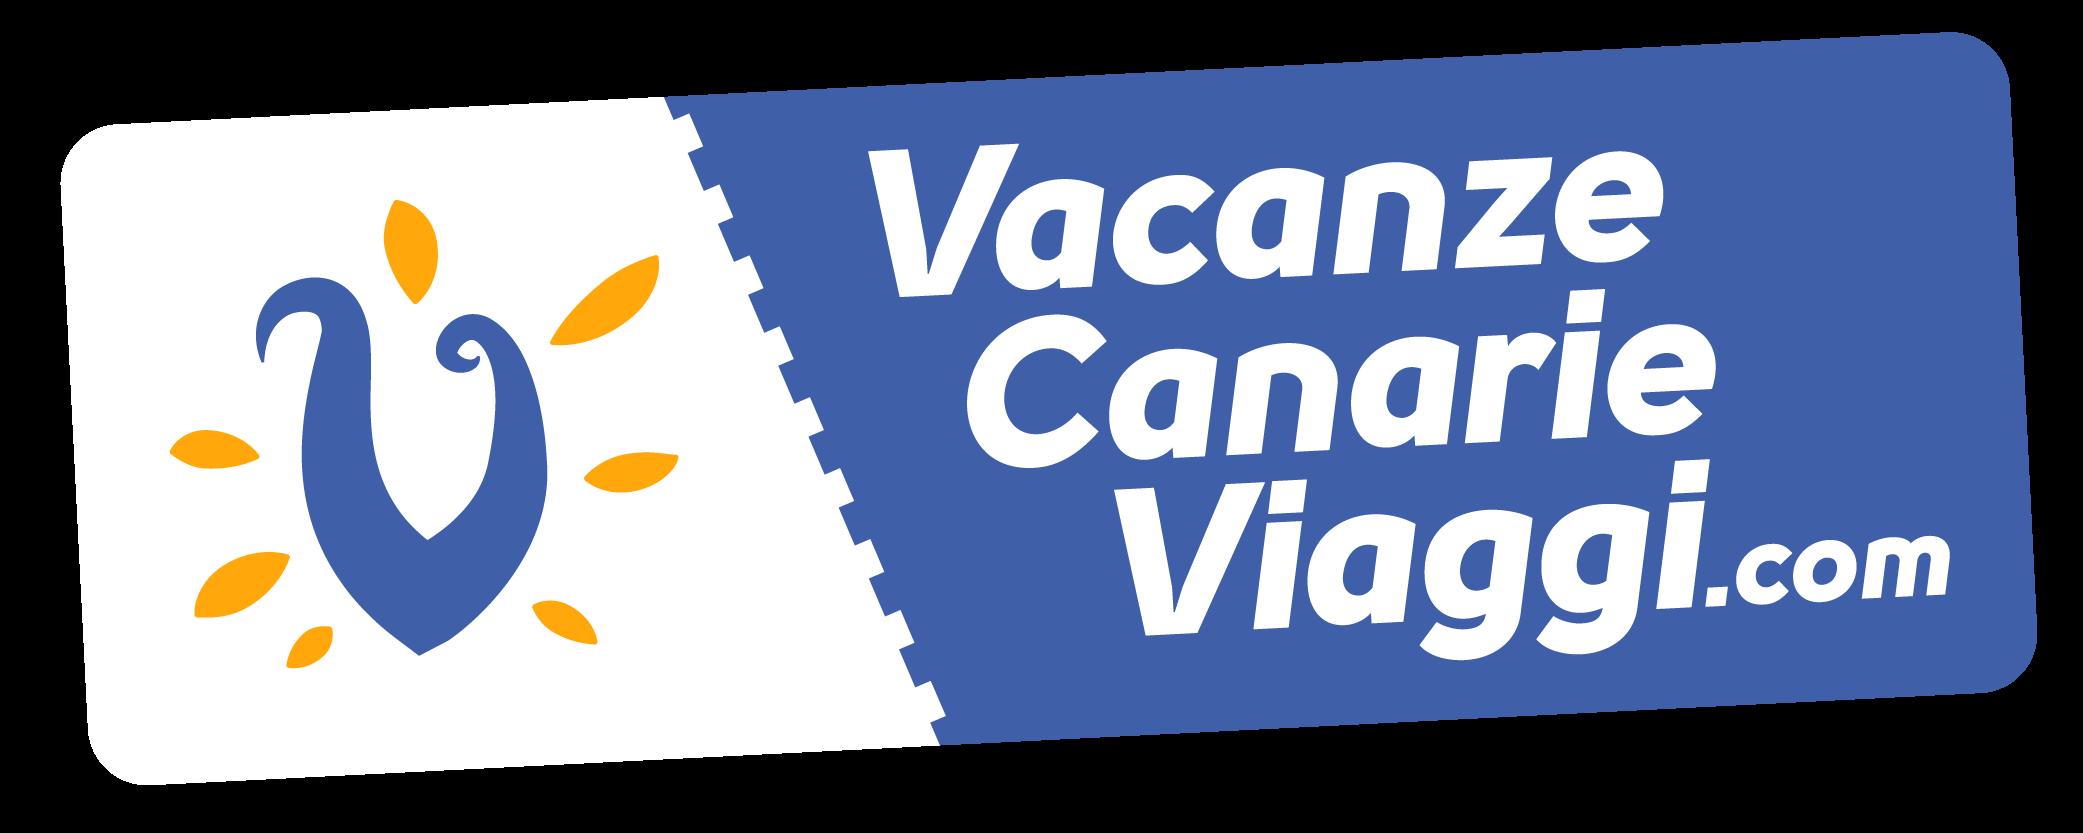 Vacanze Canarie 2018 2019 viaggi offerte Canarie pacchetti volo last ...